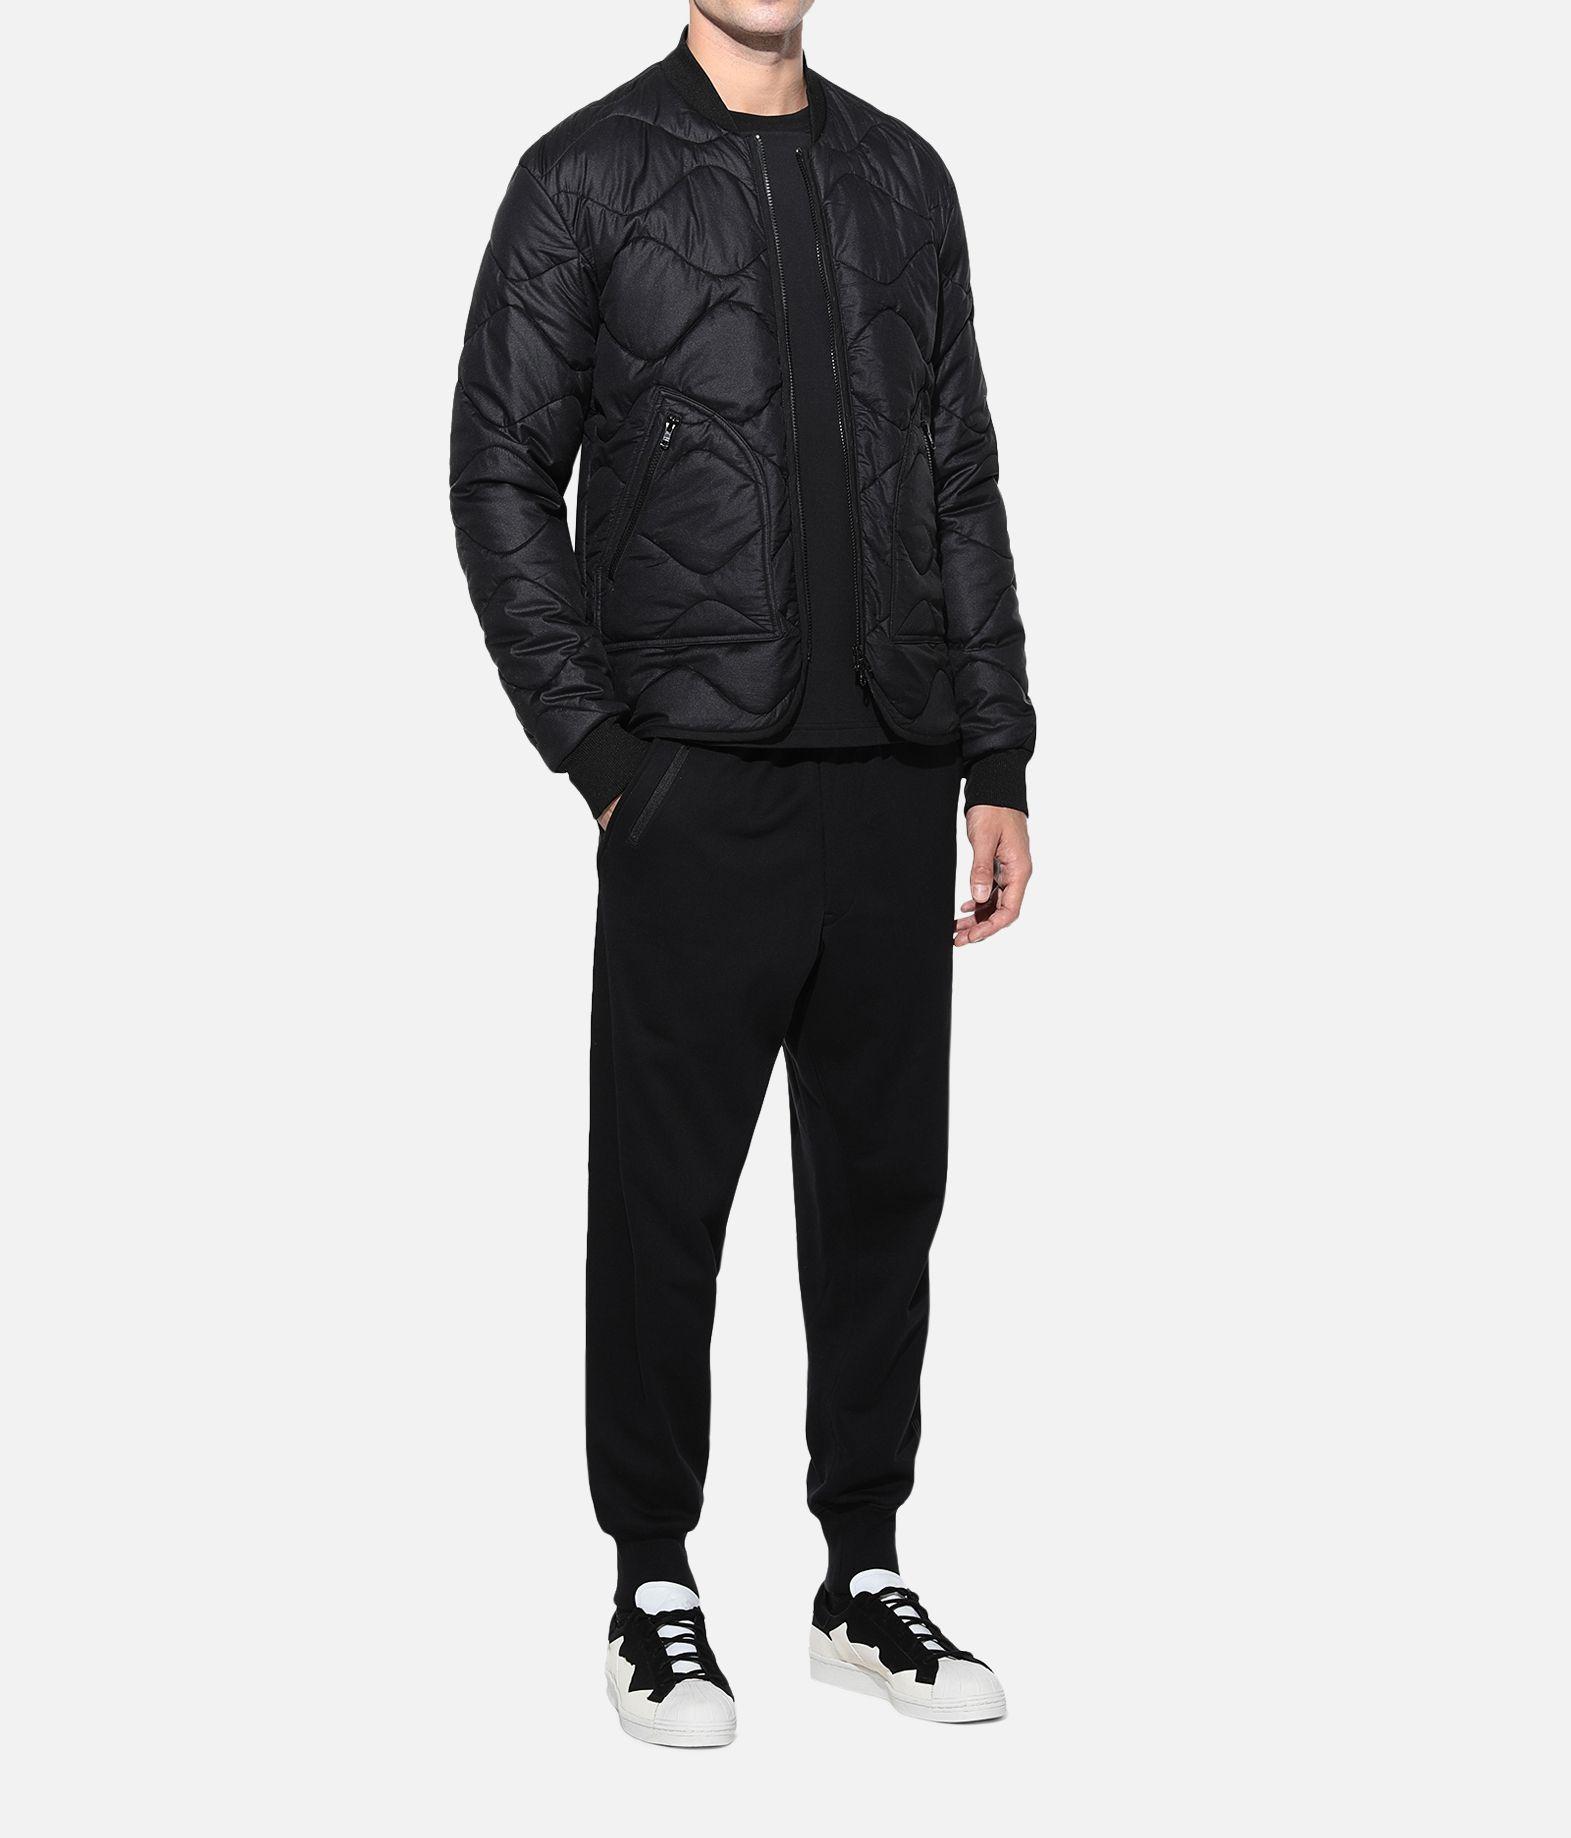 Y-3 Y-3 Adizero Liner Jacket Blazer Man a